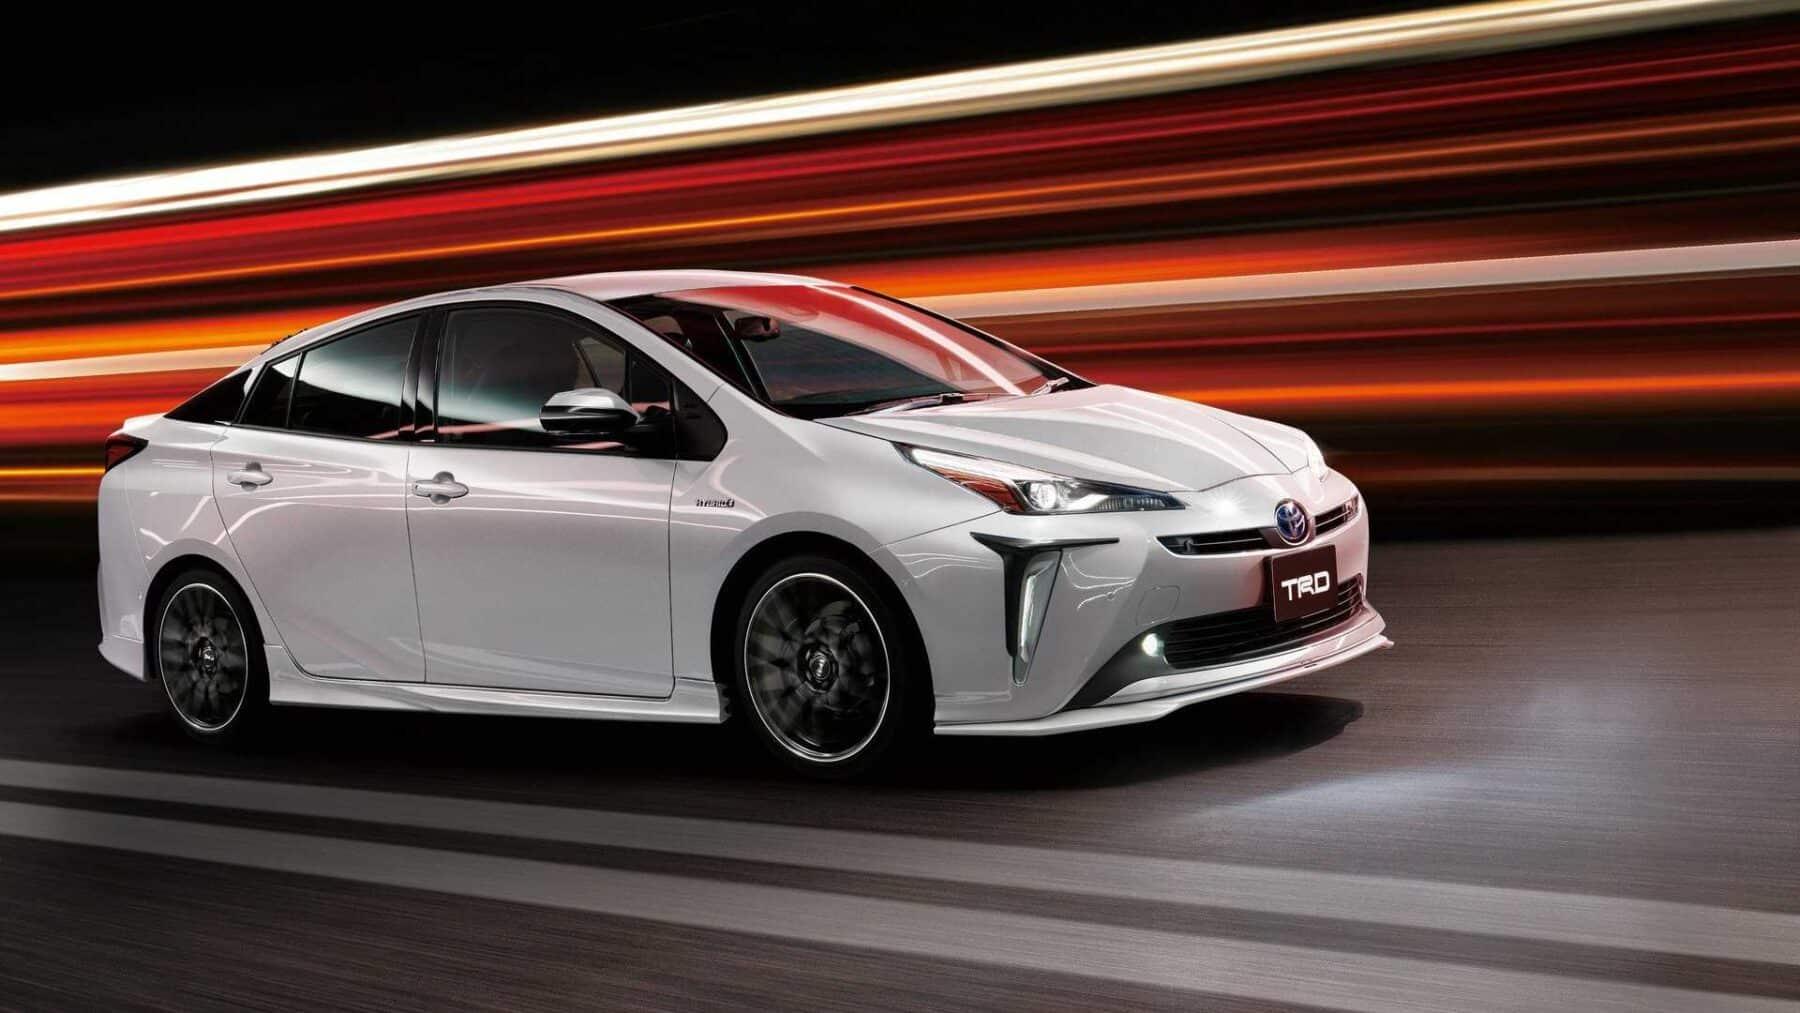 El Toyota Prius 2019 Se Viste De Gala Gracias A Trd Y